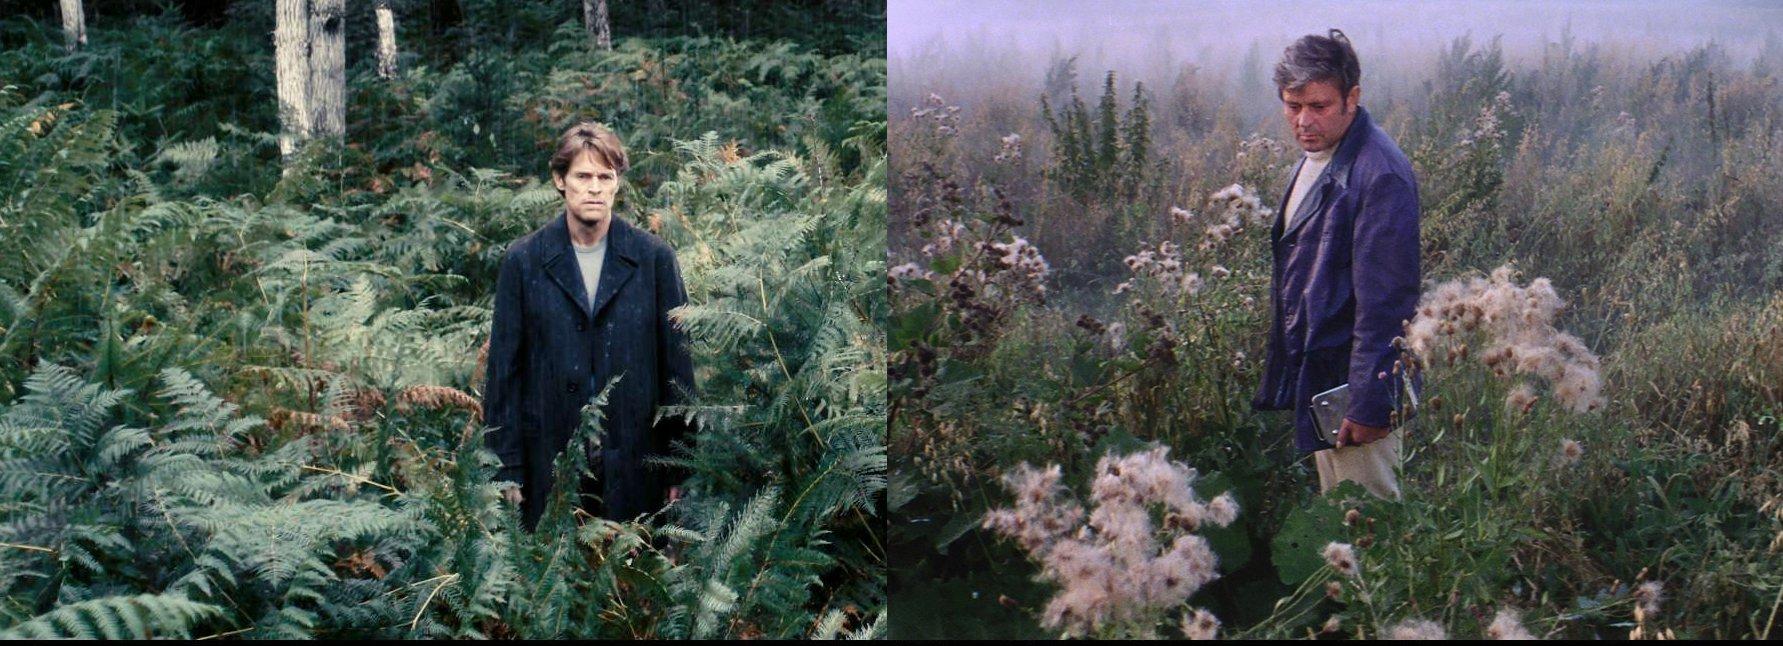 Andrei Tarkovsky and Lars Von Trier